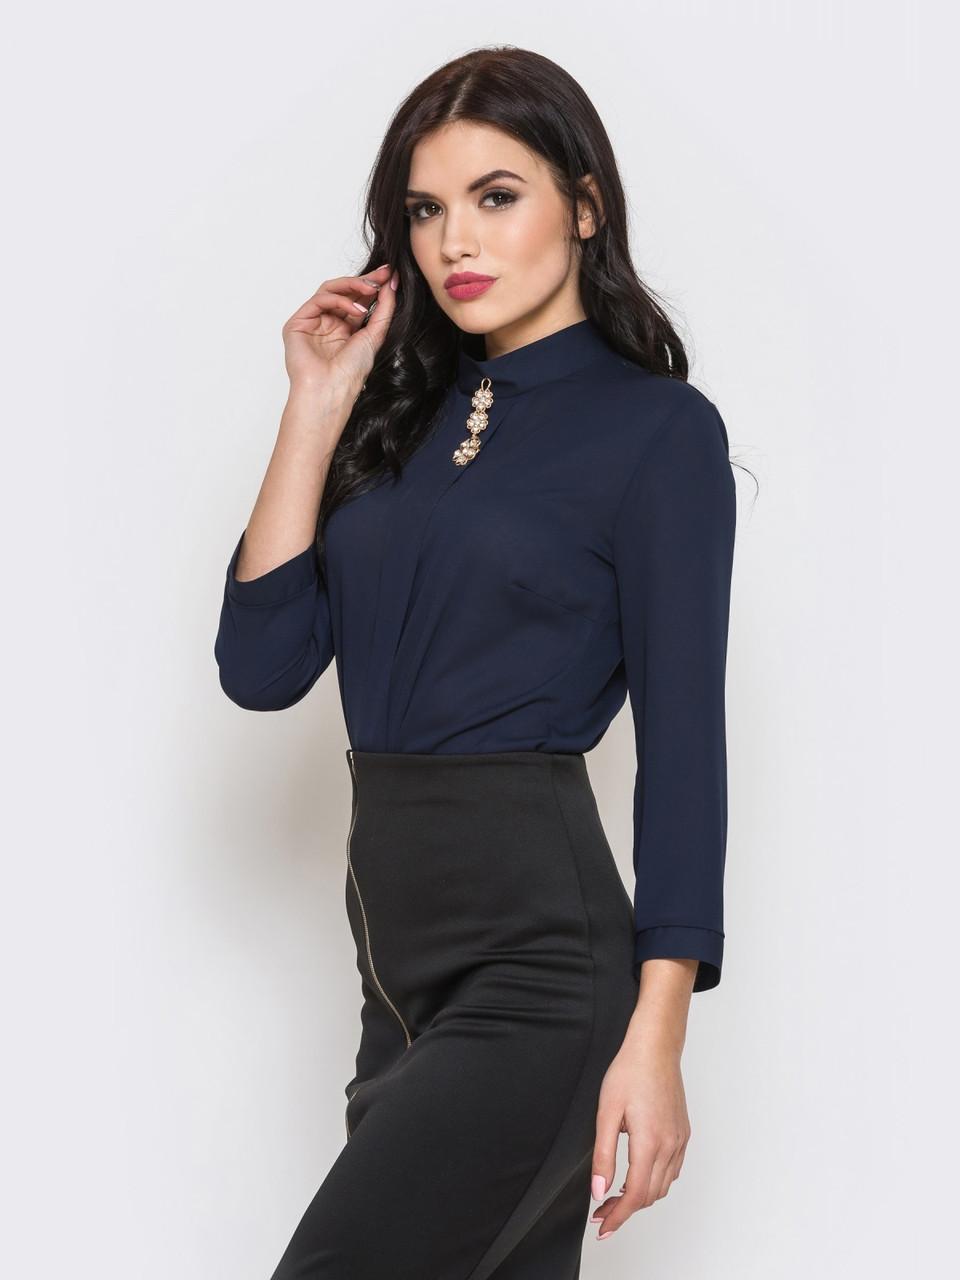 (XS, M, L) Стильна класична темно-синя блузка Hens